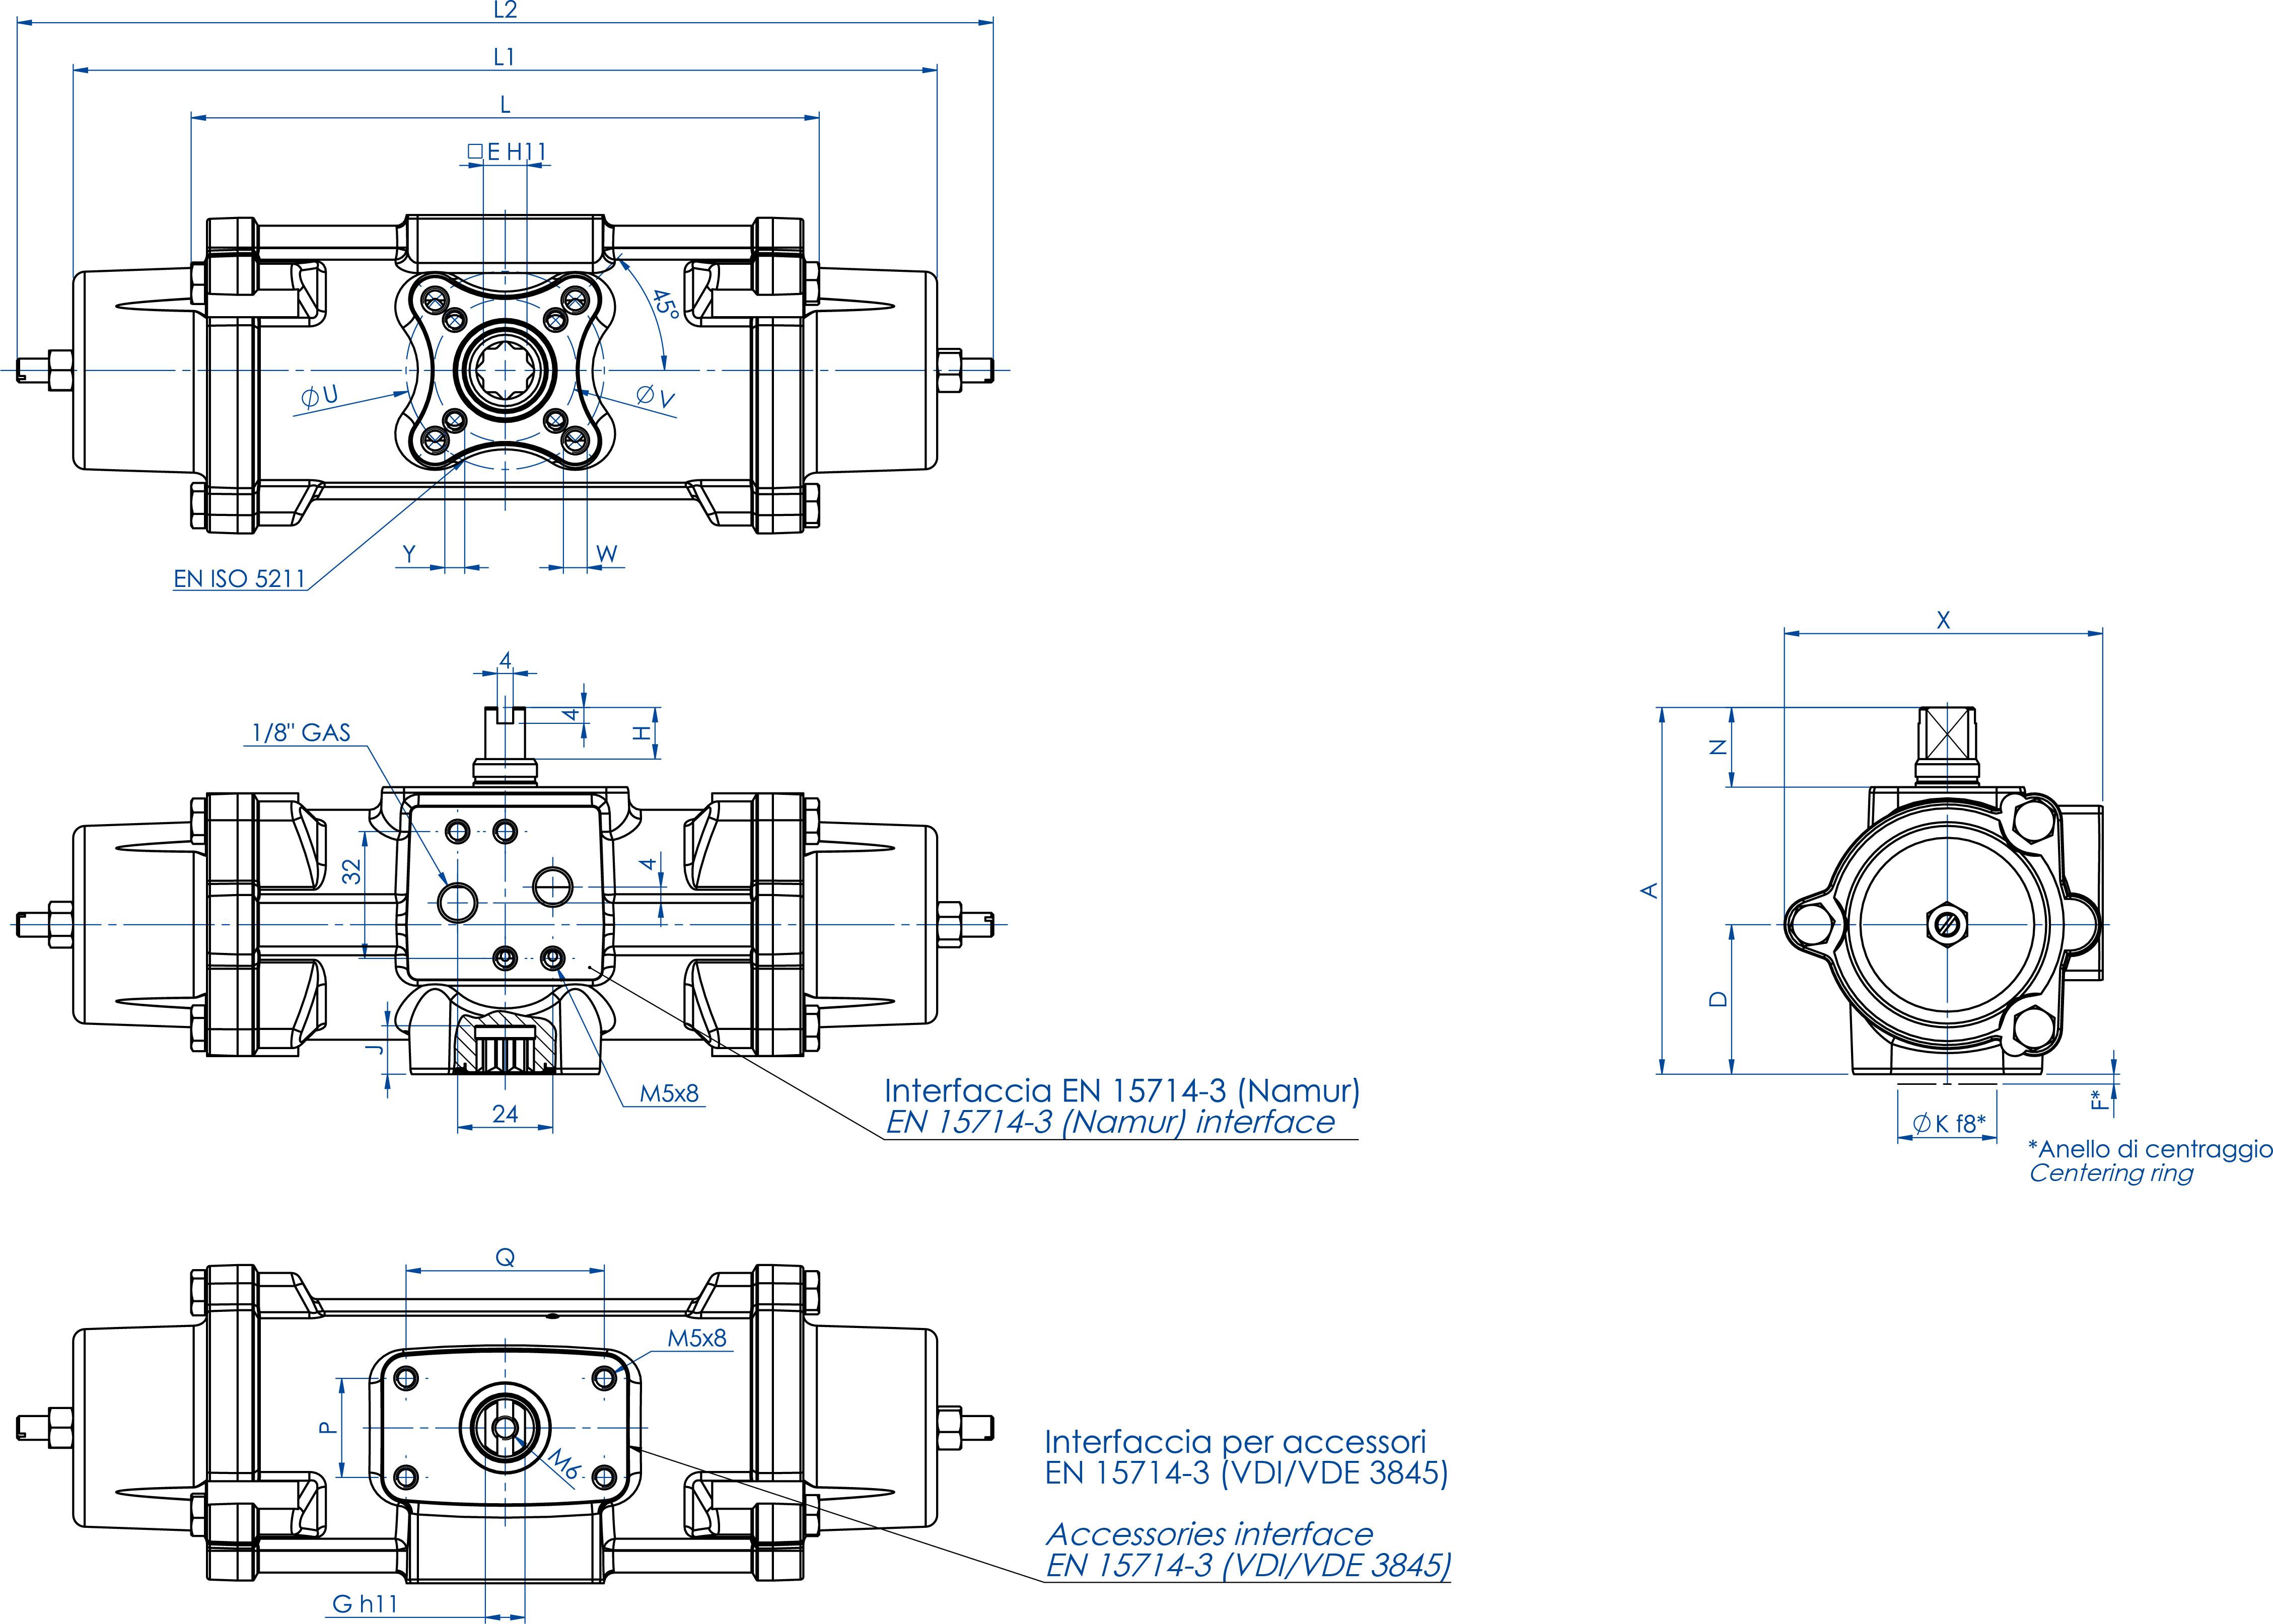 Einfachwirkender pneumatischer Stellantrieb GS aus Edelstahl CF8M Mikroguss - abmessungen - GS30 ÷ GS240